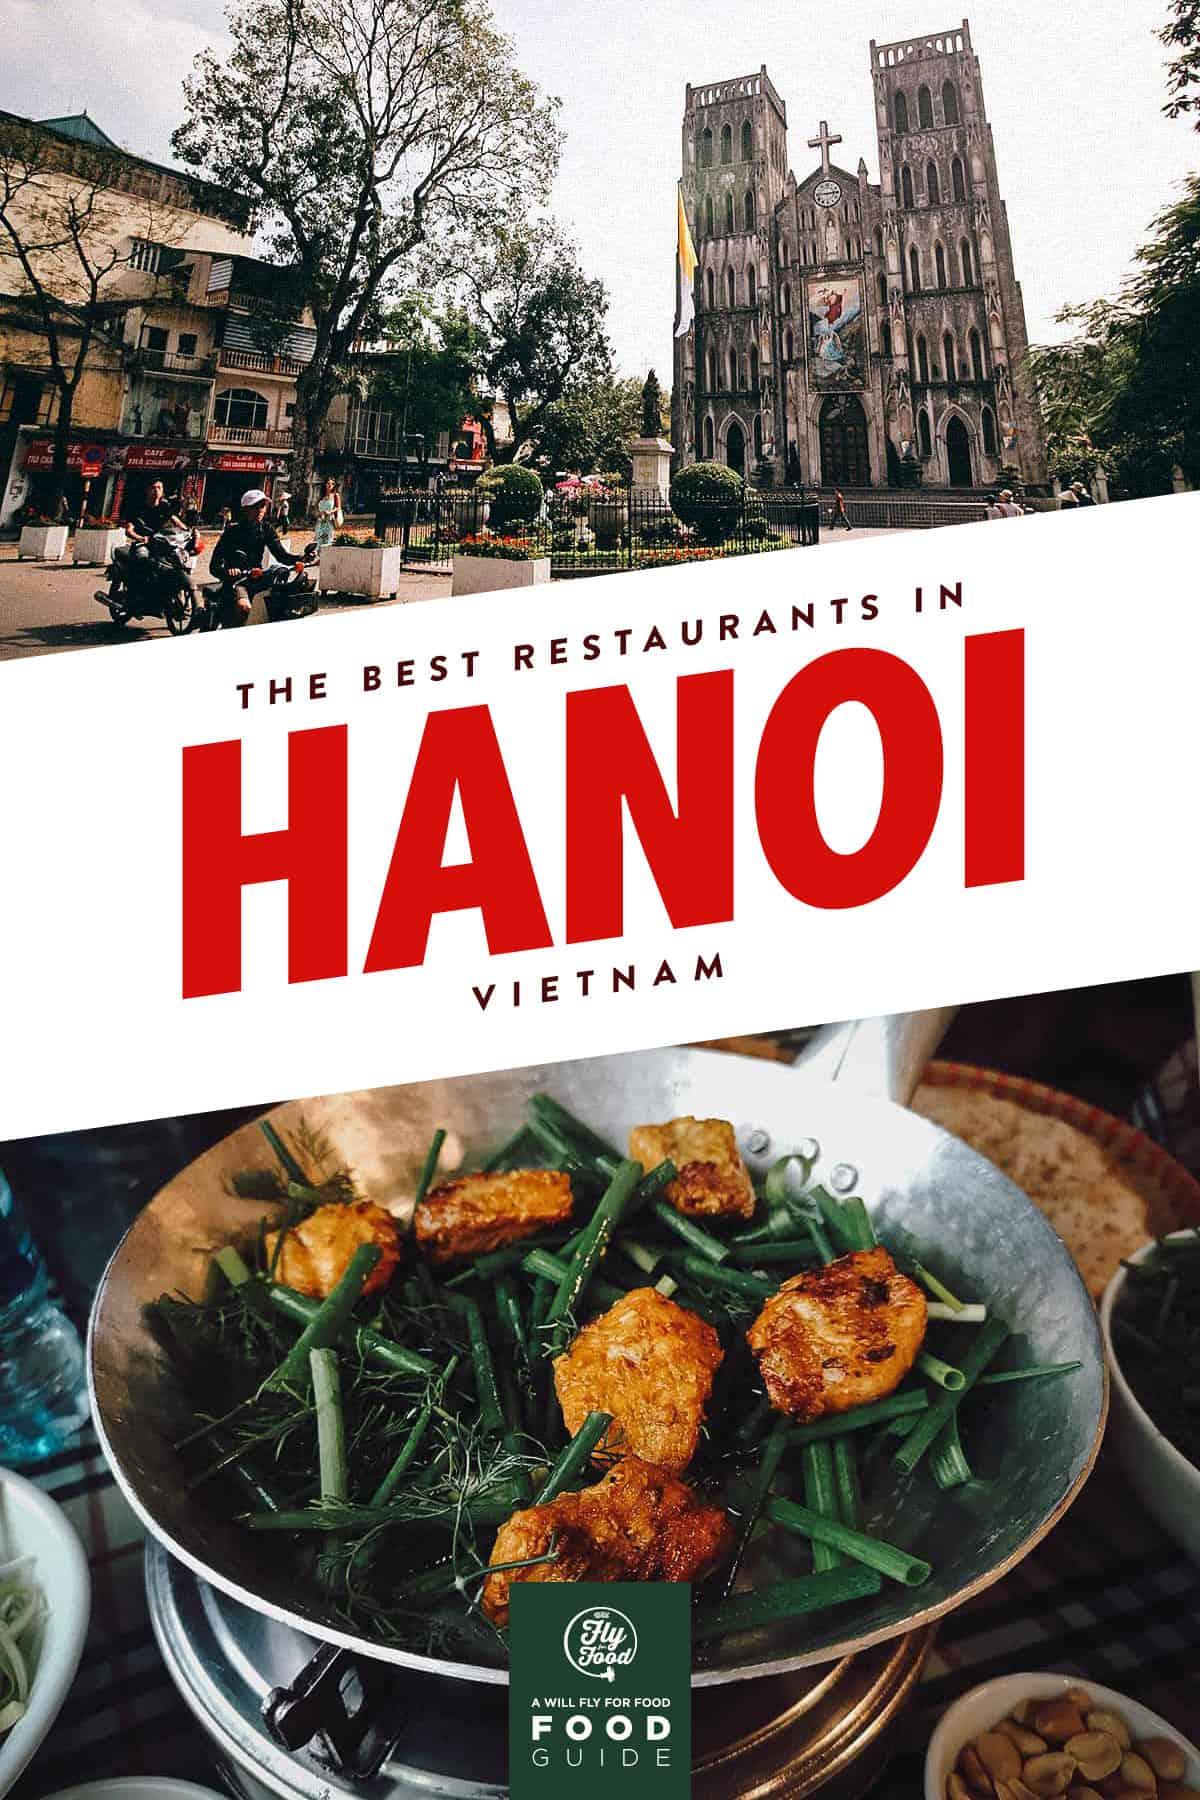 Cha ca in Hanoi, Vietnam